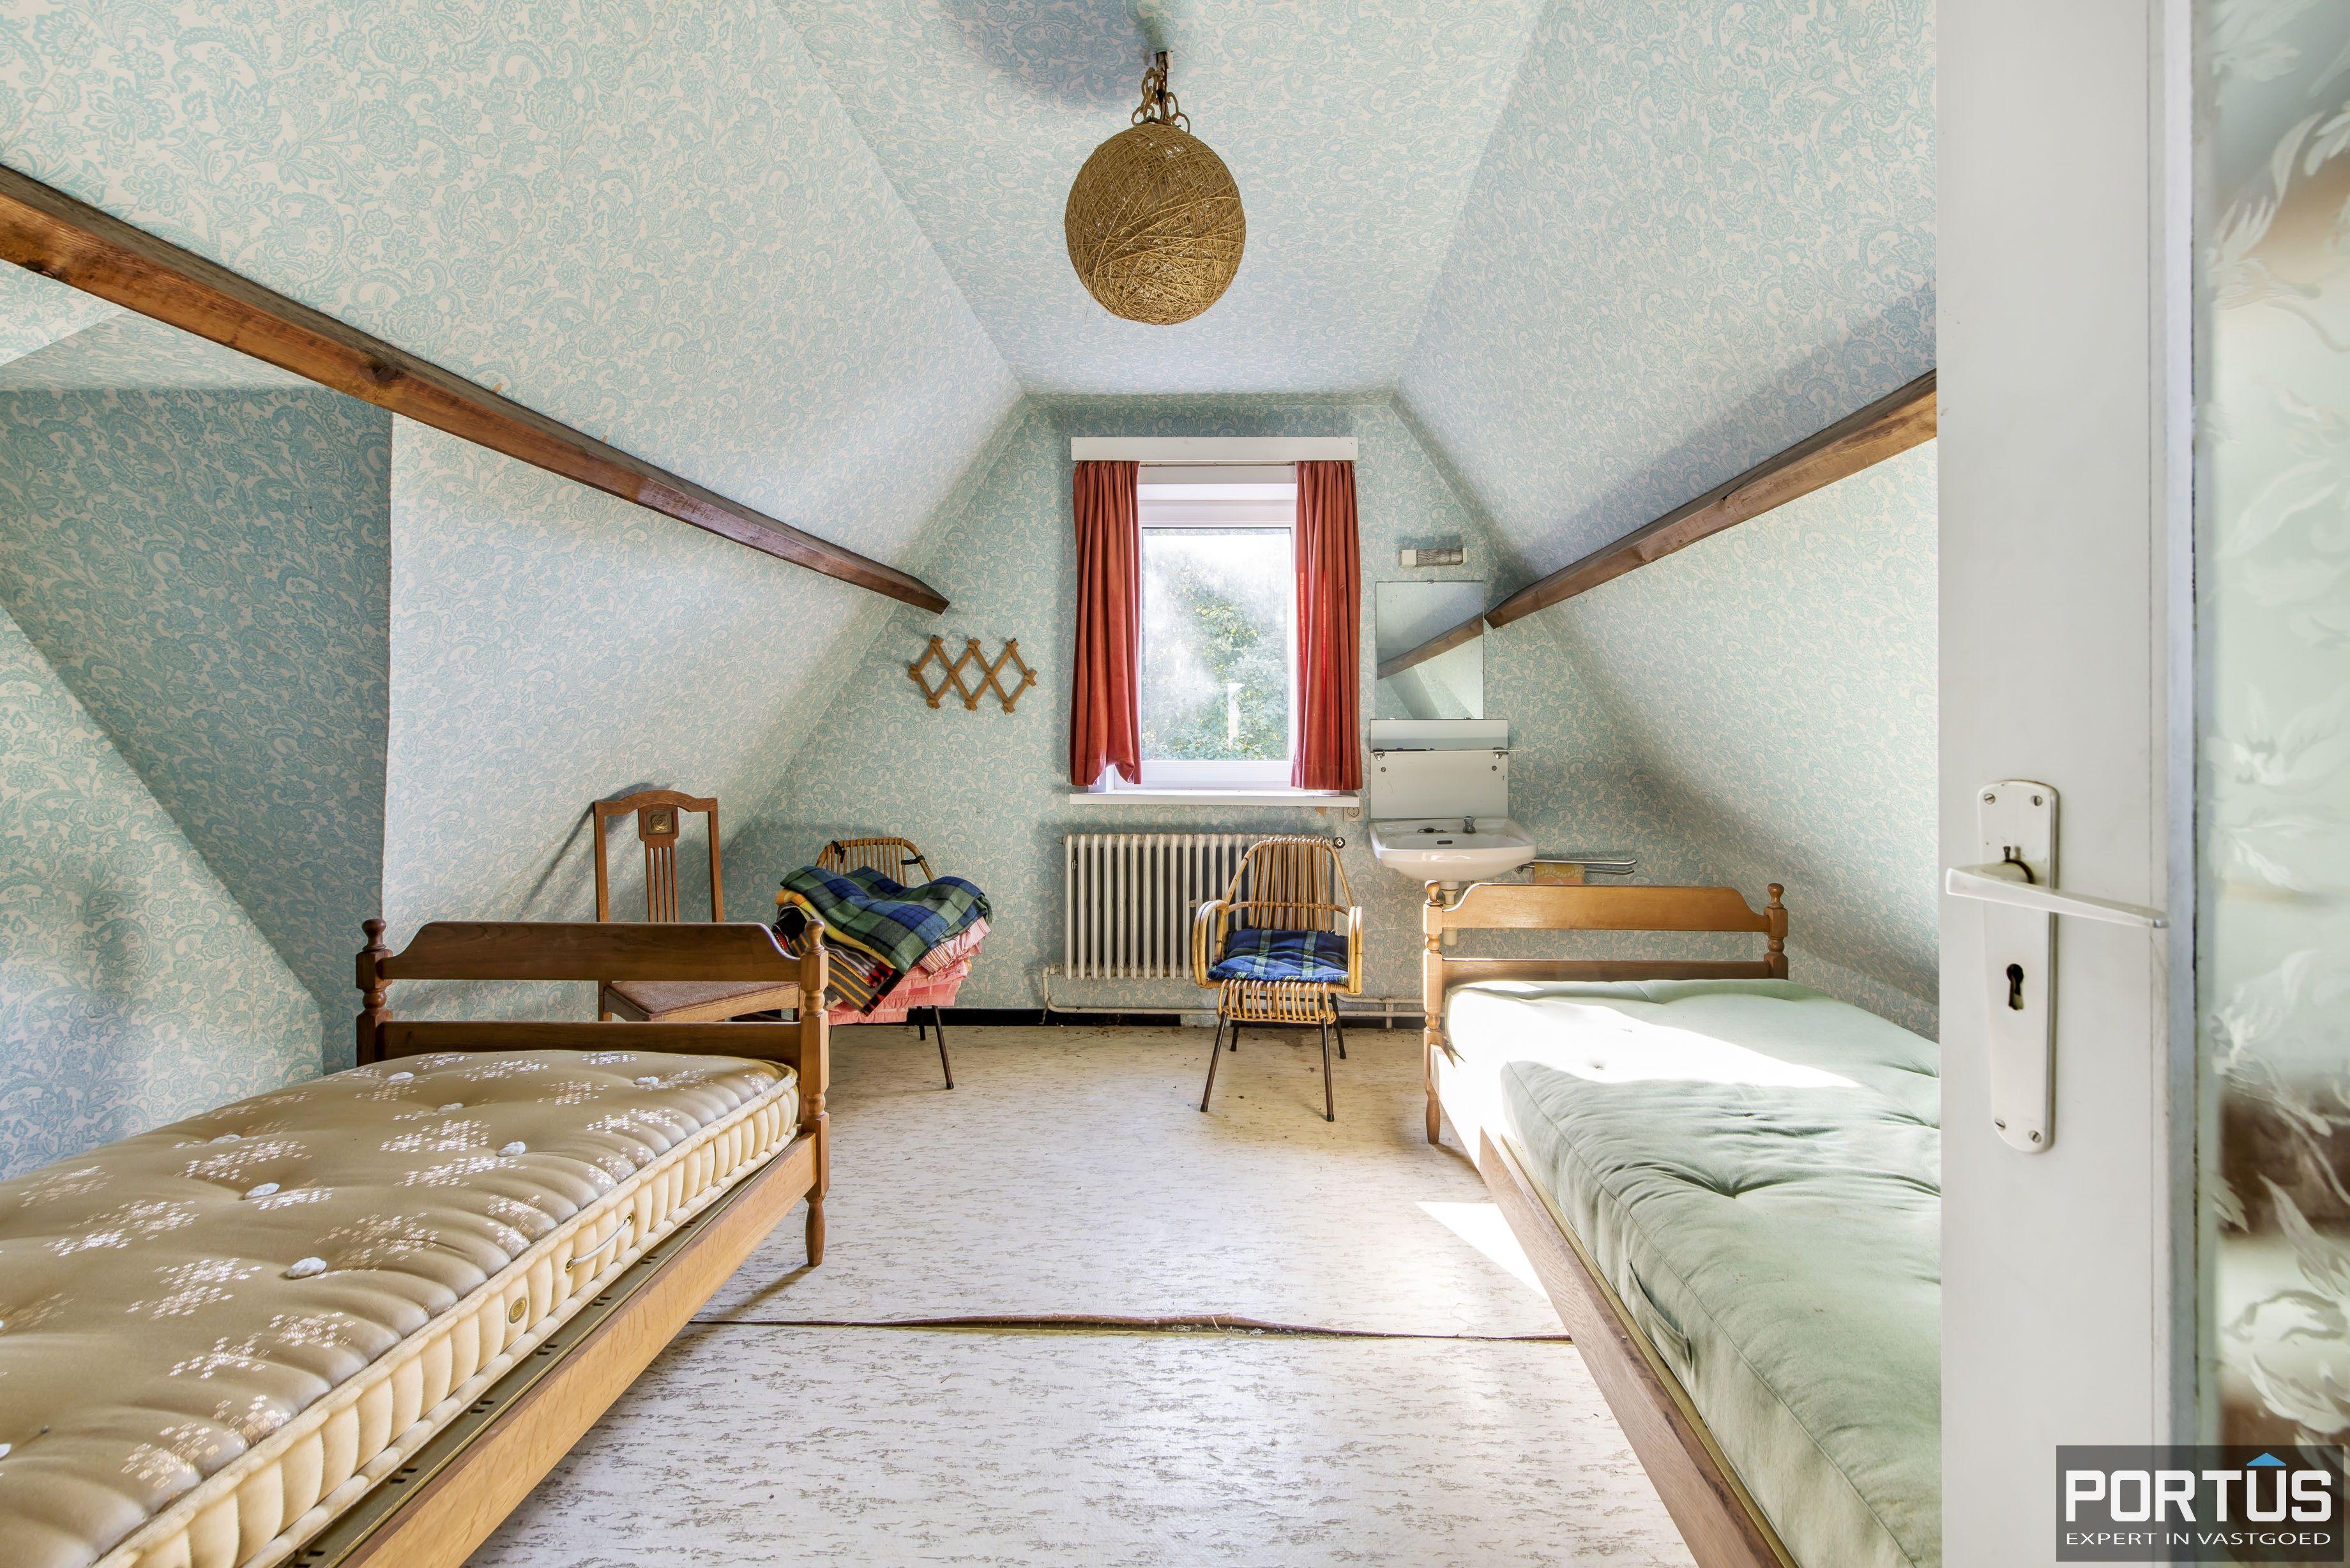 Te renoveren kustvilla te koop te Sint-Idesbald - 8817